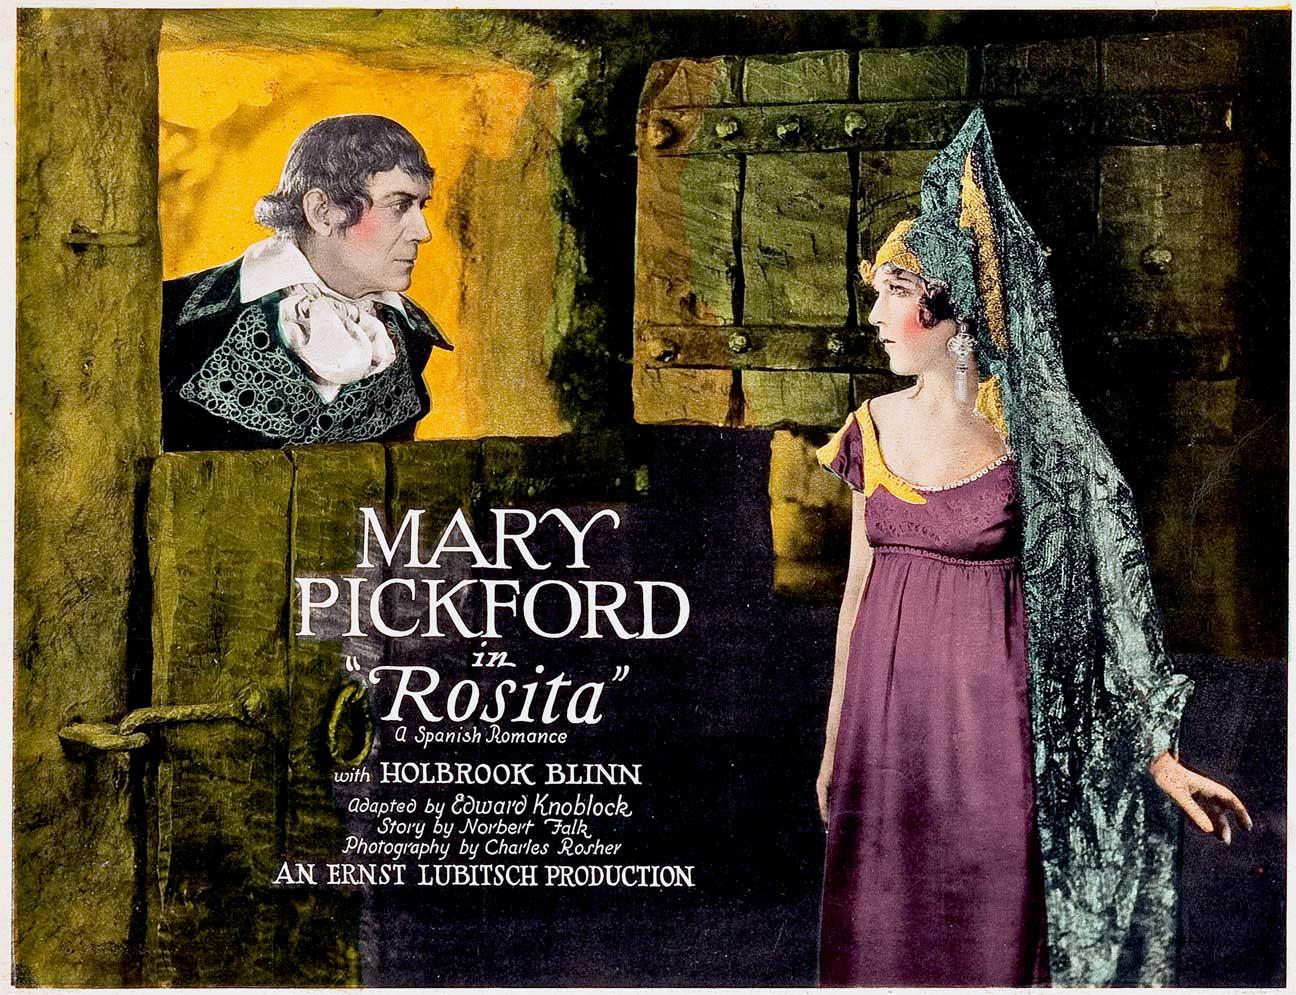 Mary Pickford Rosita